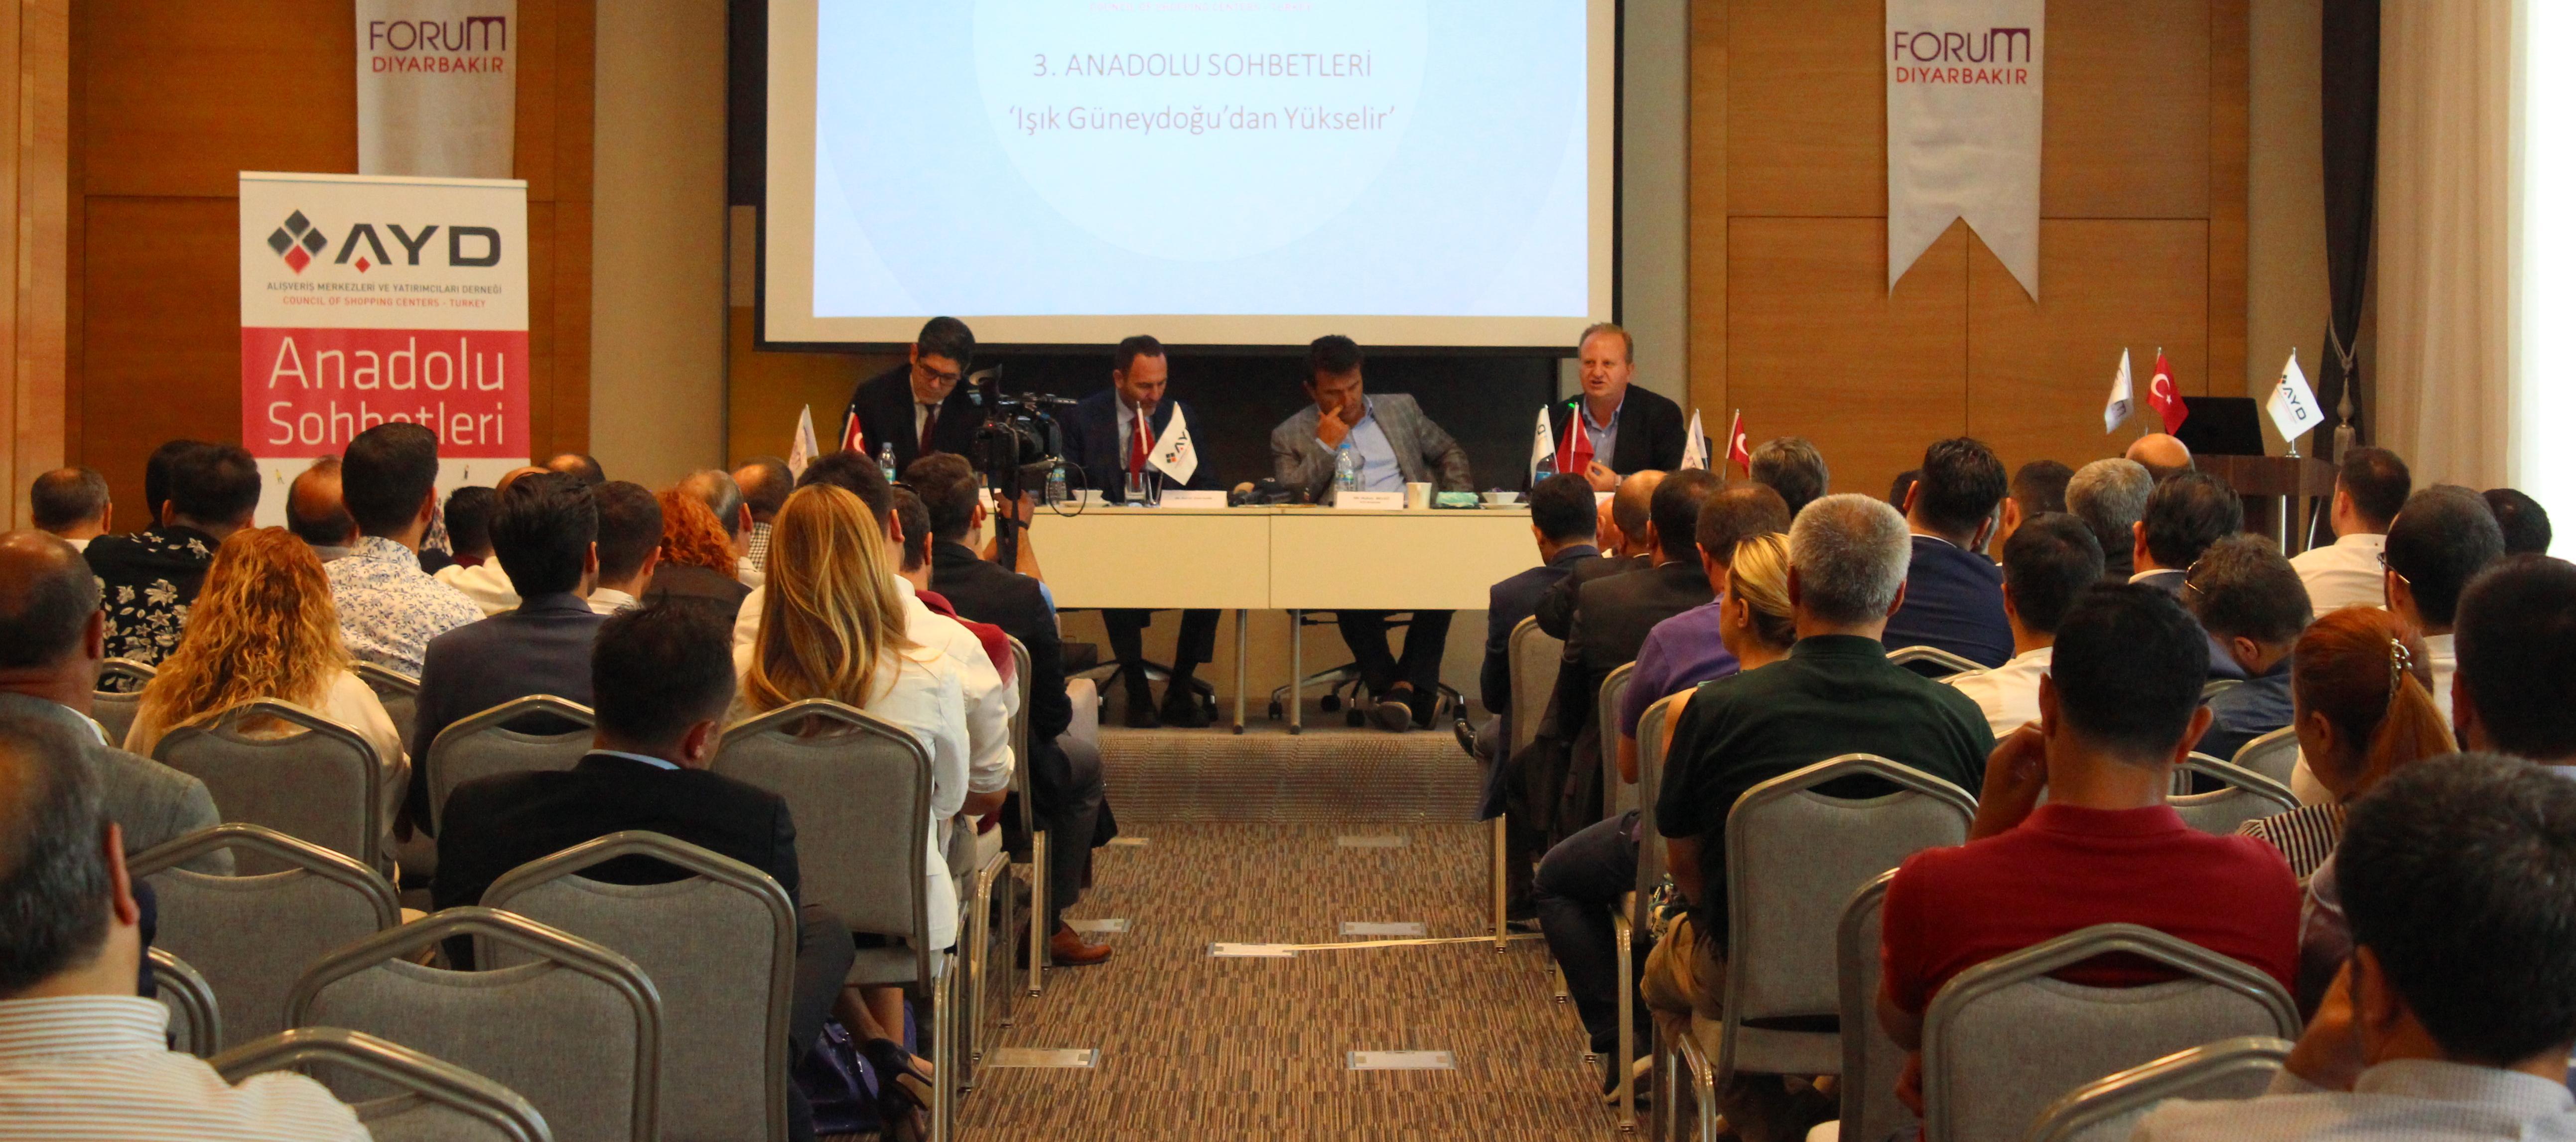 AYD 3. Anadolu Sohbetleri: Işık Güneydoğu'dan Yükselir' toplantısı Diyarbakır'da düzenlendi